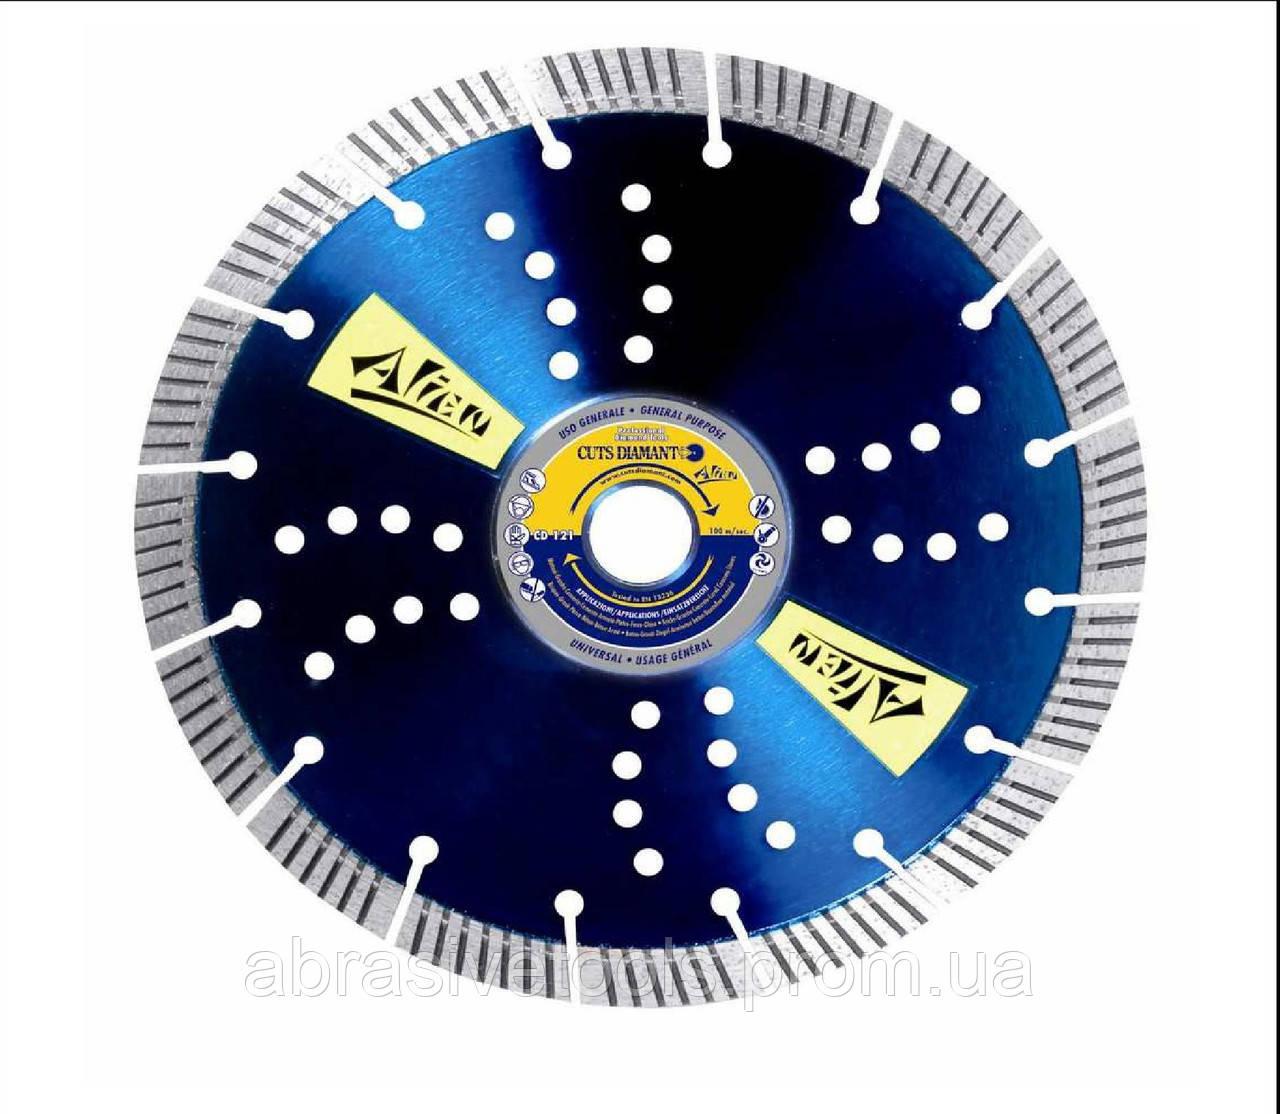 CD 121 ALIEN